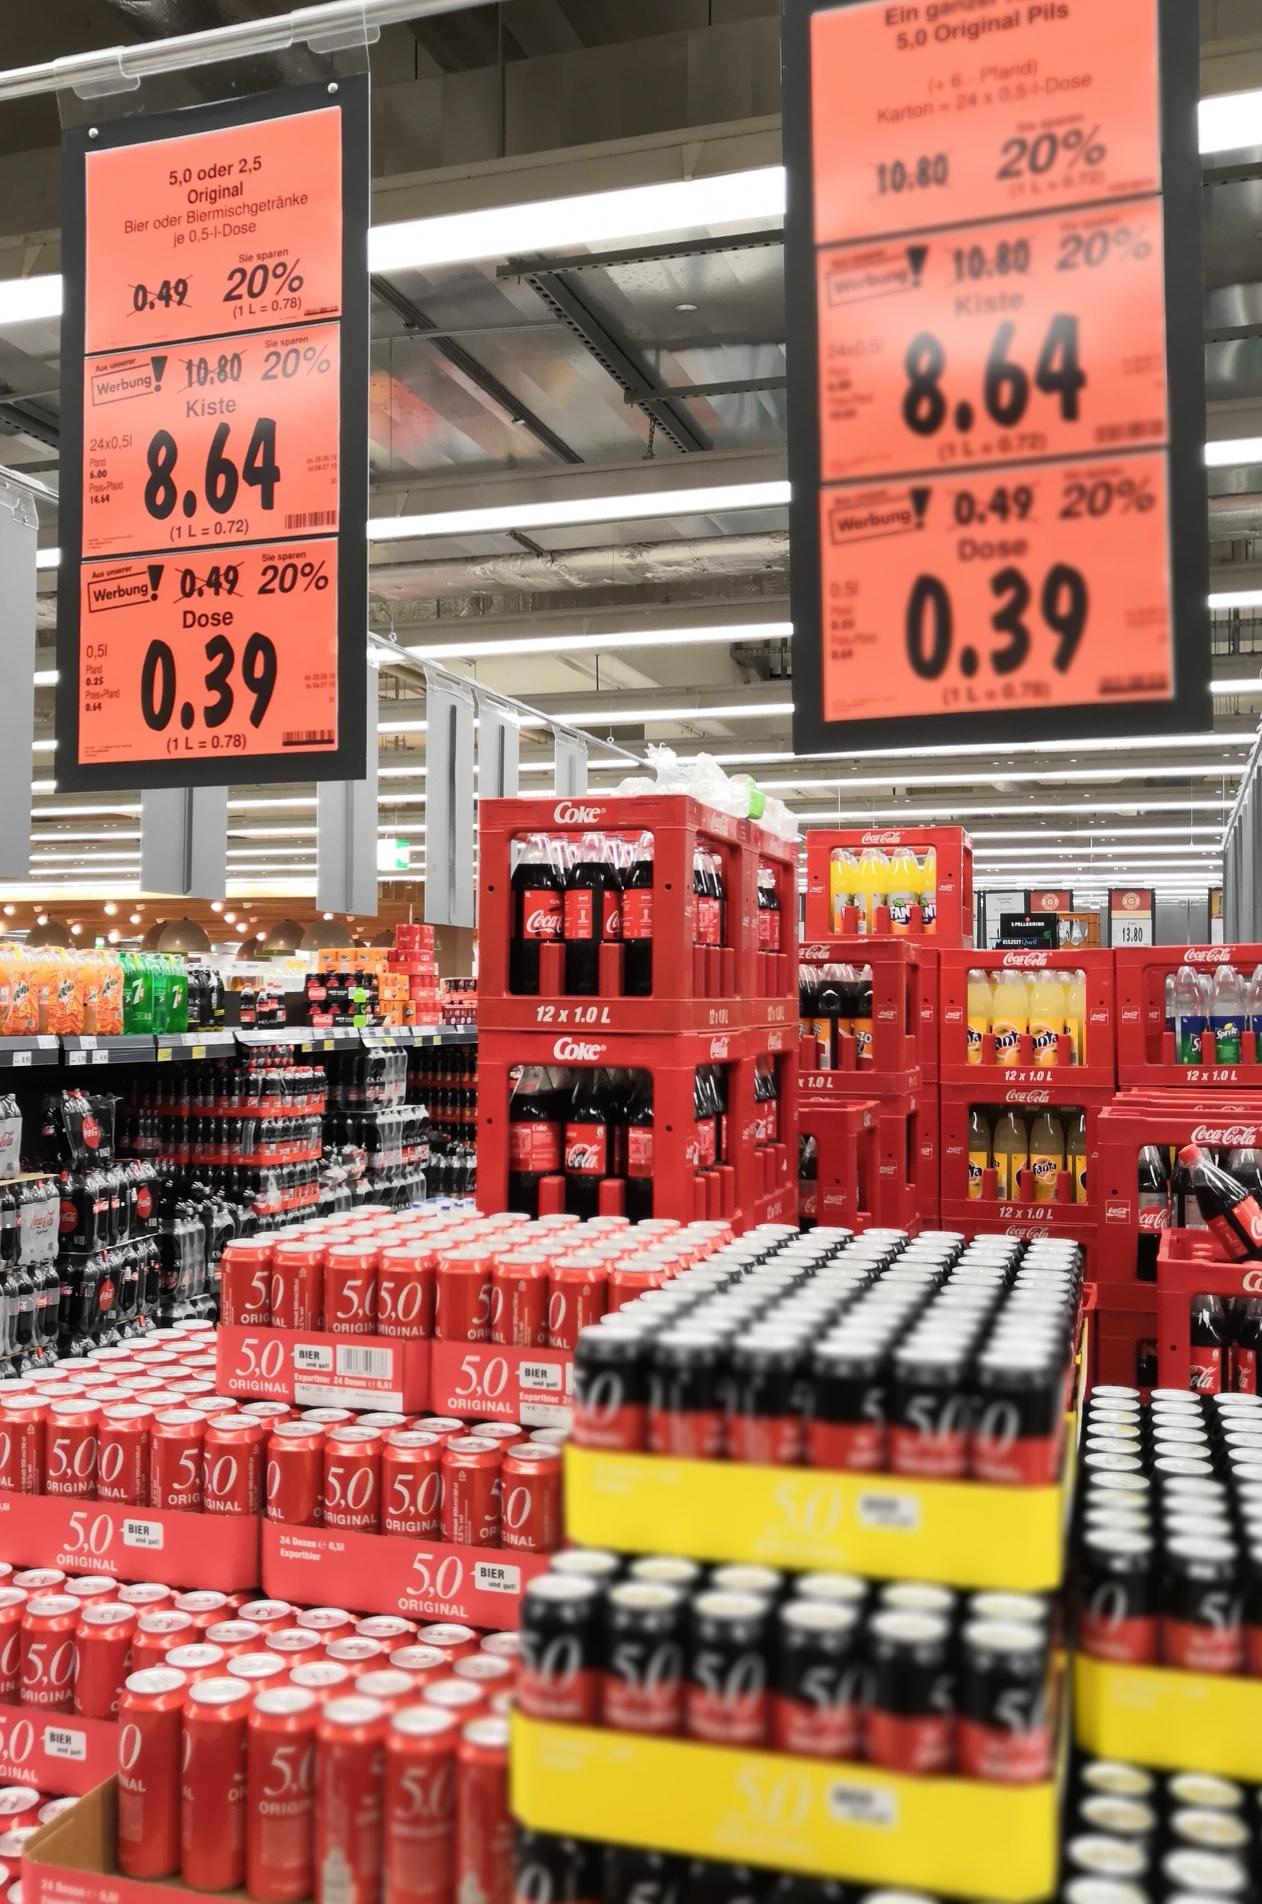 [Lokal] [Stuttgart] 5,0 Dosen für 39 Cent